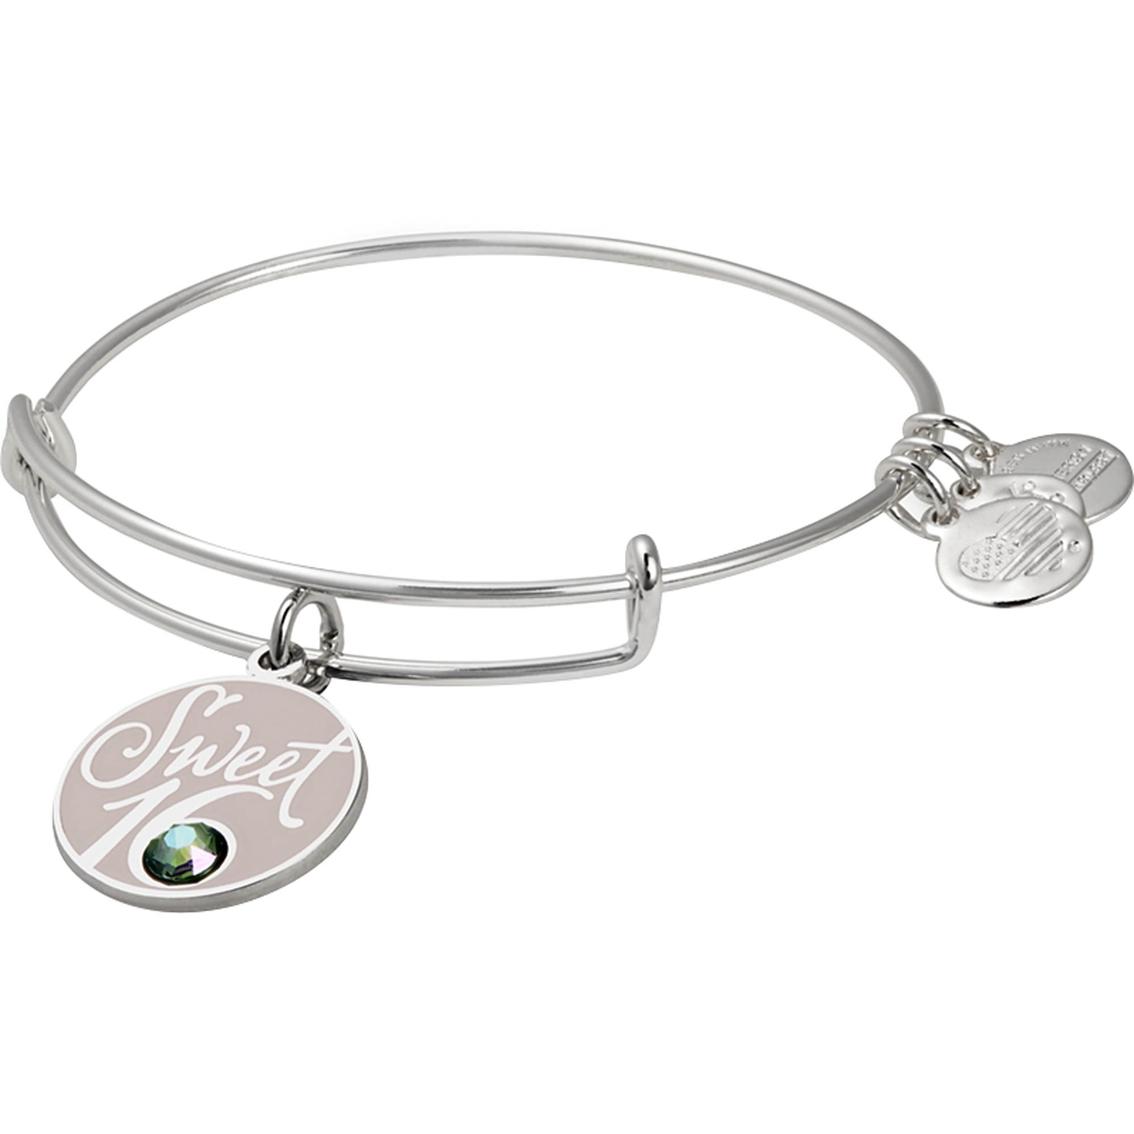 Alex And Ani Sweet 16 Charm Bangle Bracelet